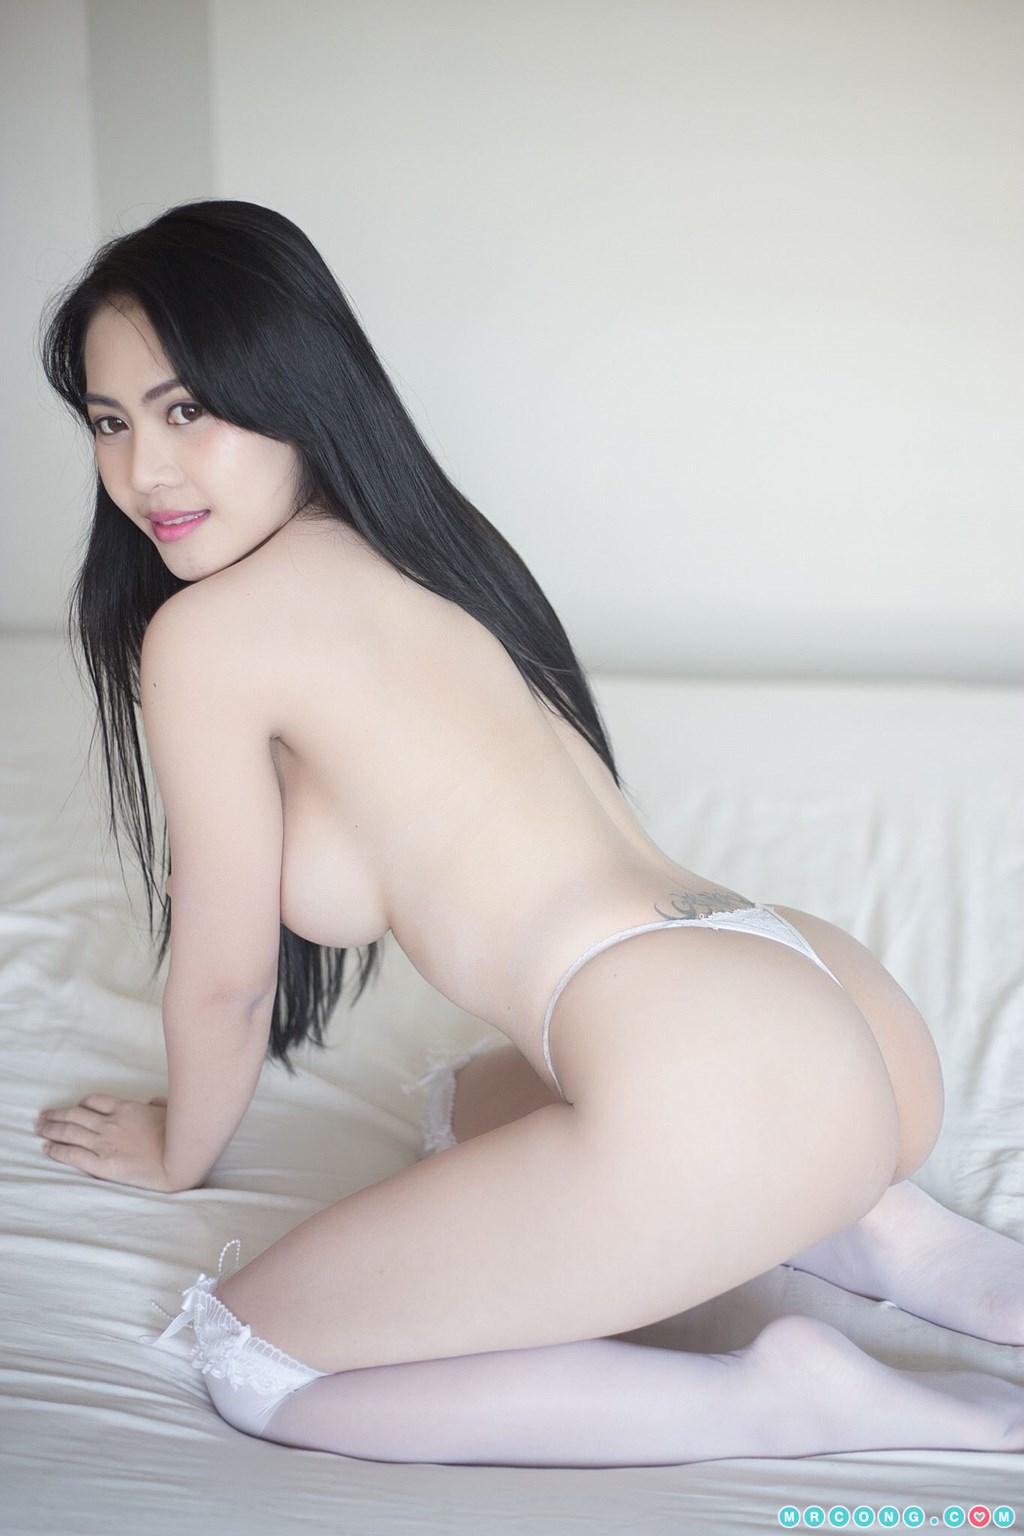 Thai Model No.185: Người mẫu เบญจมาศ สุจริต (9 ảnh)